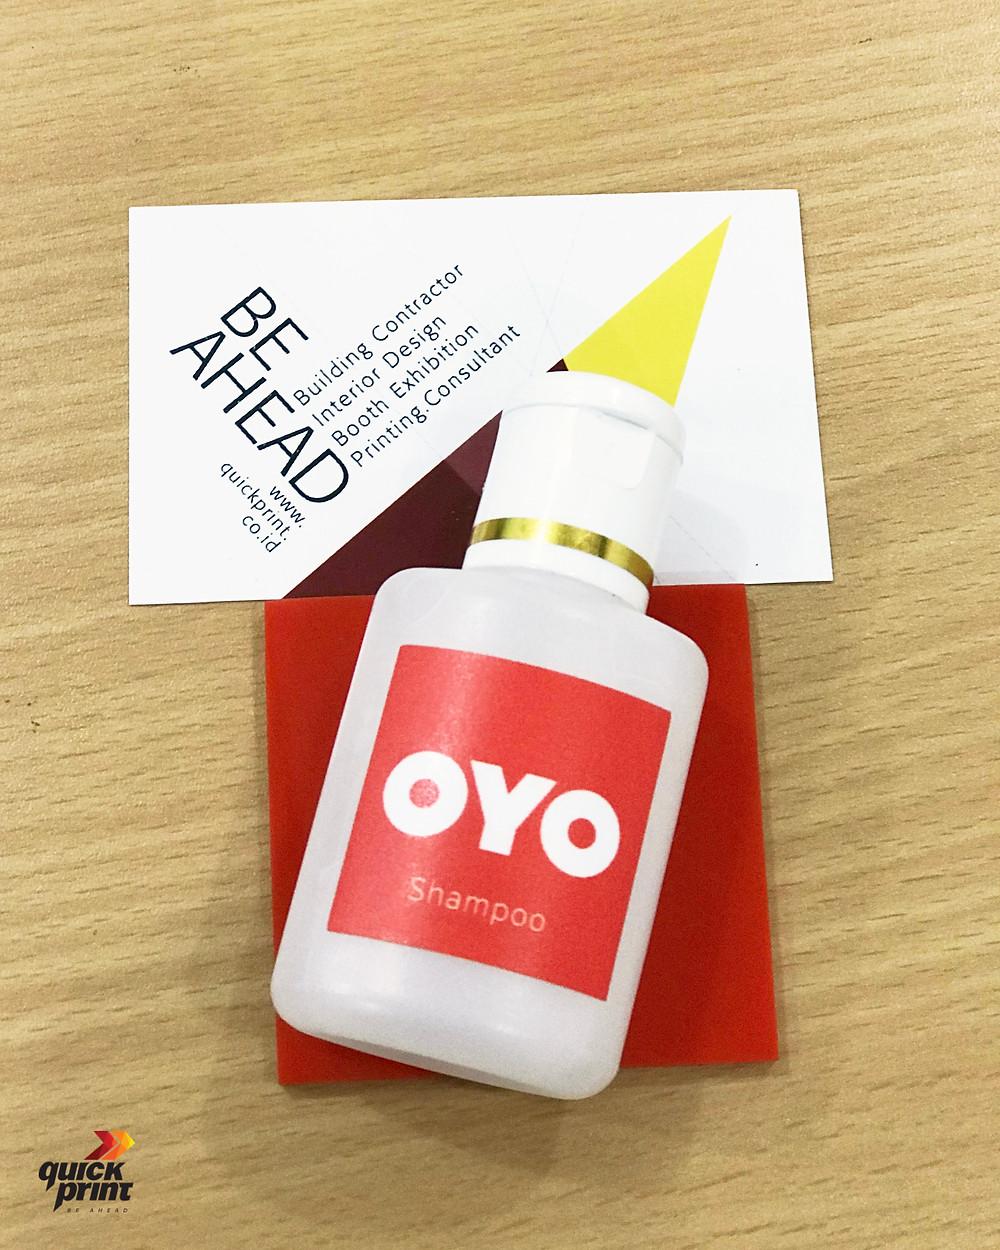 Stiker vinil juga bisa digunakan sebagai label atau branding produk usaha Anda